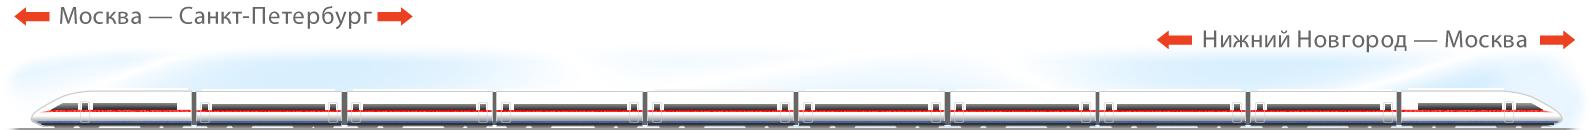 Схема вагонов и пассажирских